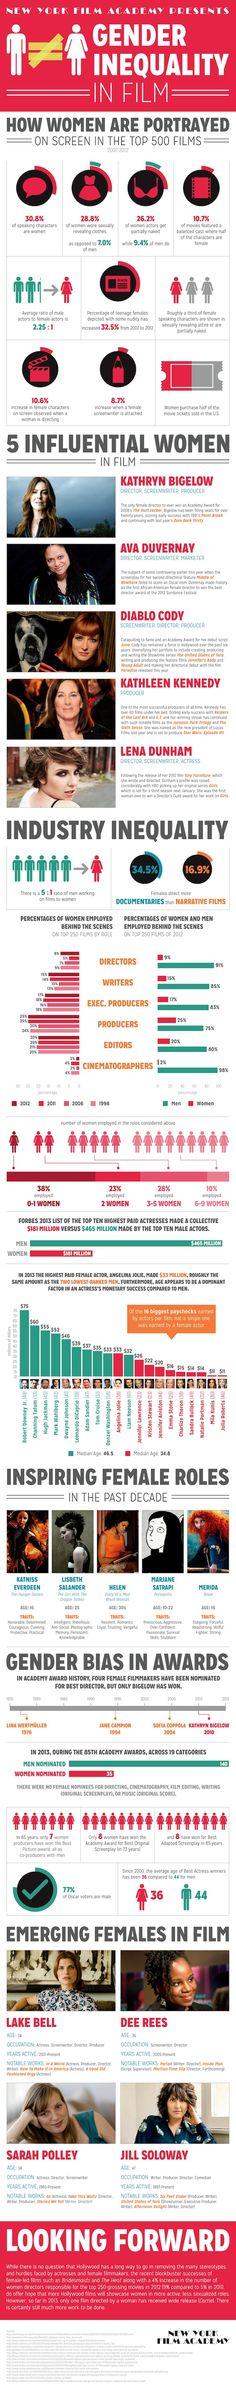 Infográfico mostrando a diferença entre os gêneros nos filmes de Hollywood. #infographic #hollywood #cinema